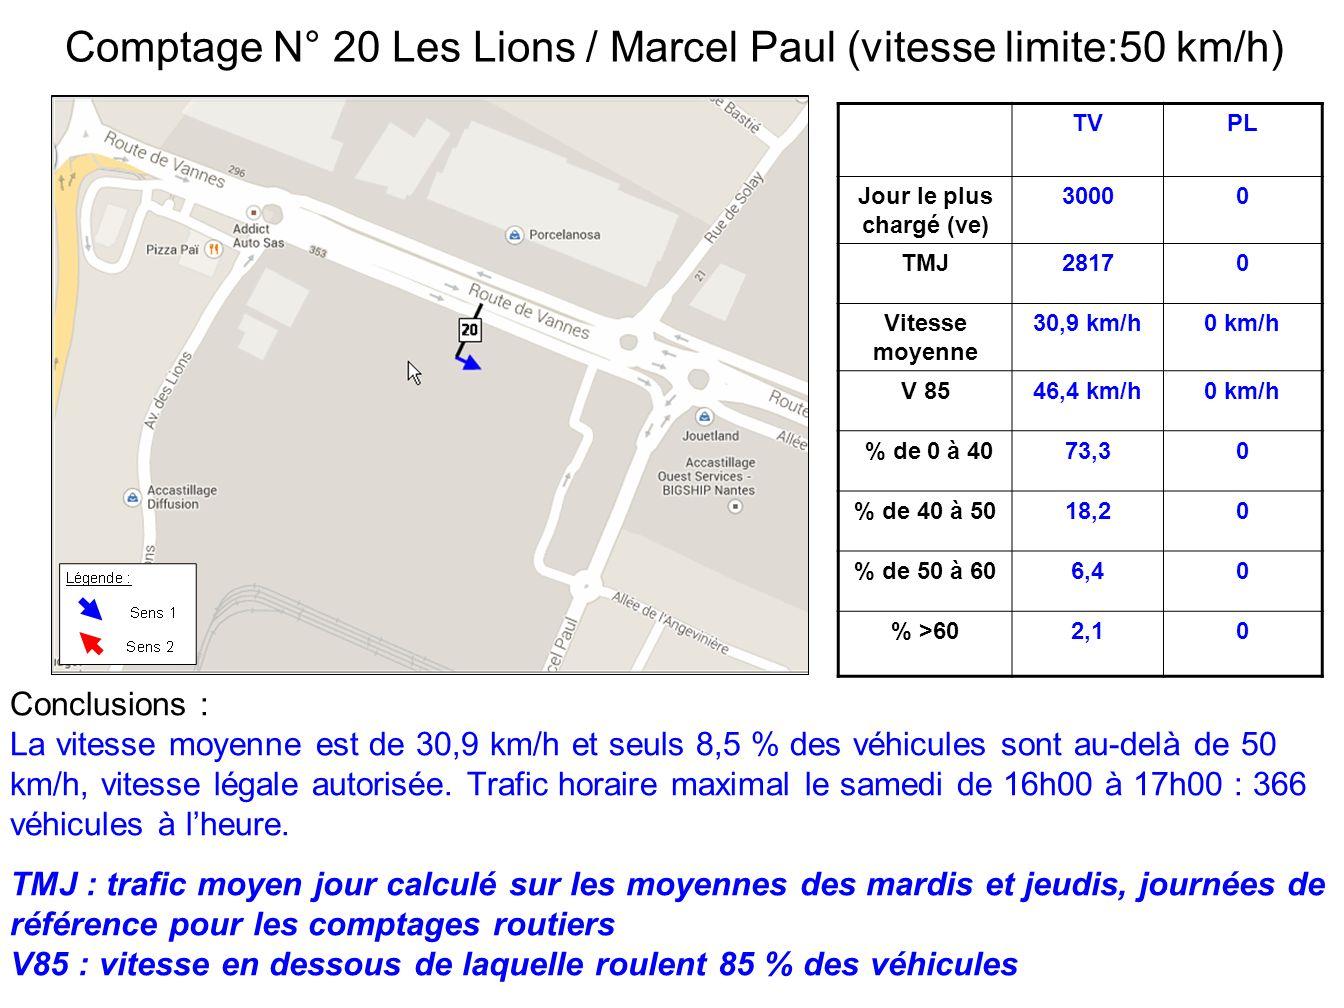 TVPL Jour le plus chargé (ve) 30000 TMJ28170 Vitesse moyenne 30,9 km/h0 km/h V 8546,4 km/h0 km/h % de 0 à 4073,30 % de 40 à 5018,20 % de 50 à 606,40 % >602,10 Conclusions : La vitesse moyenne est de 30,9 km/h et seuls 8,5 % des véhicules sont au-delà de 50 km/h, vitesse légale autorisée.